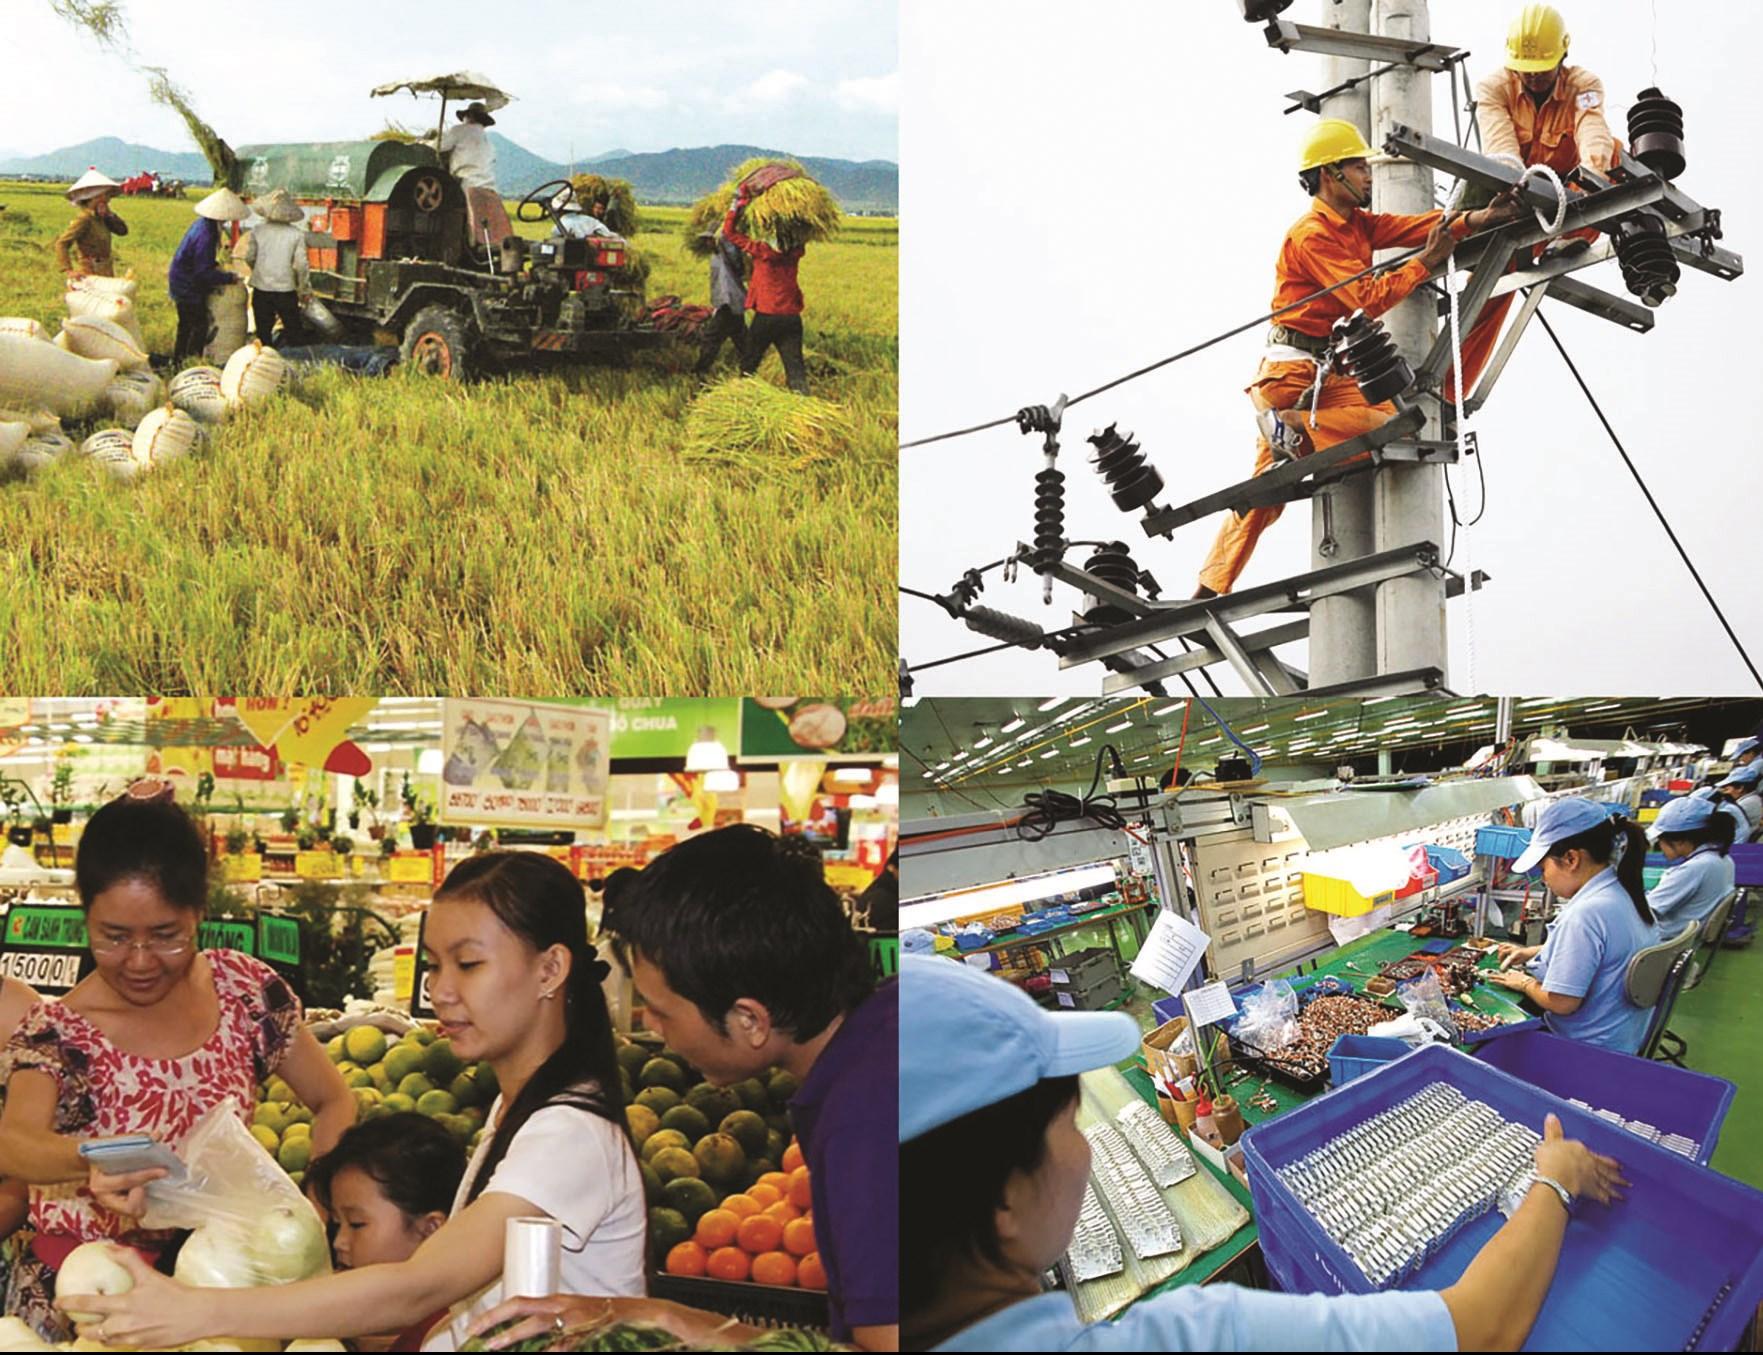 Kinh tế - xã hội Việt Nam đạt được nhiều thành tựu trong giai đoạn hiện nay. (Ảnh: minh họa).